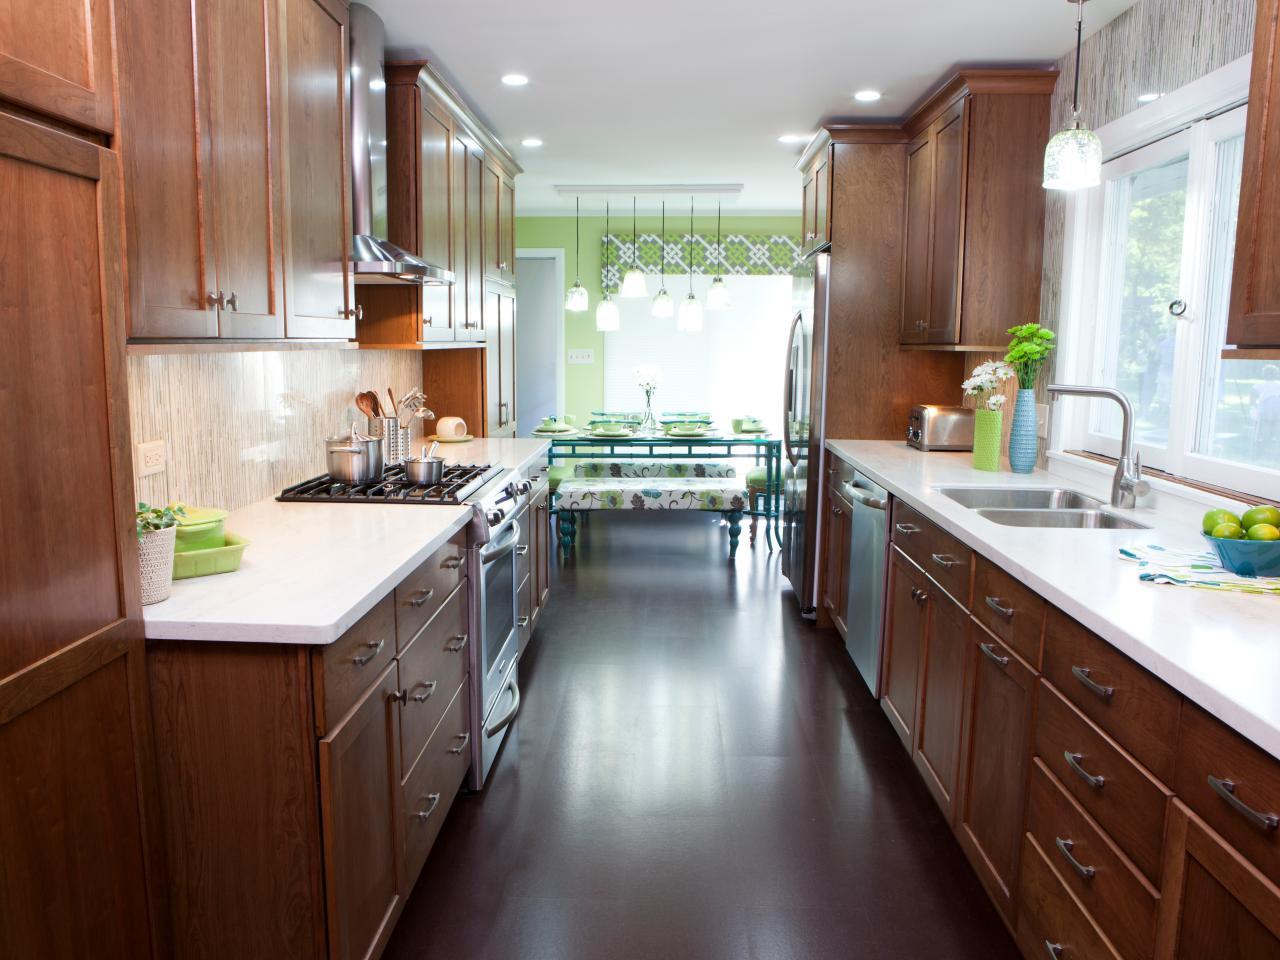 Luxury Galley Kitchen Designs small galley kitchen designs